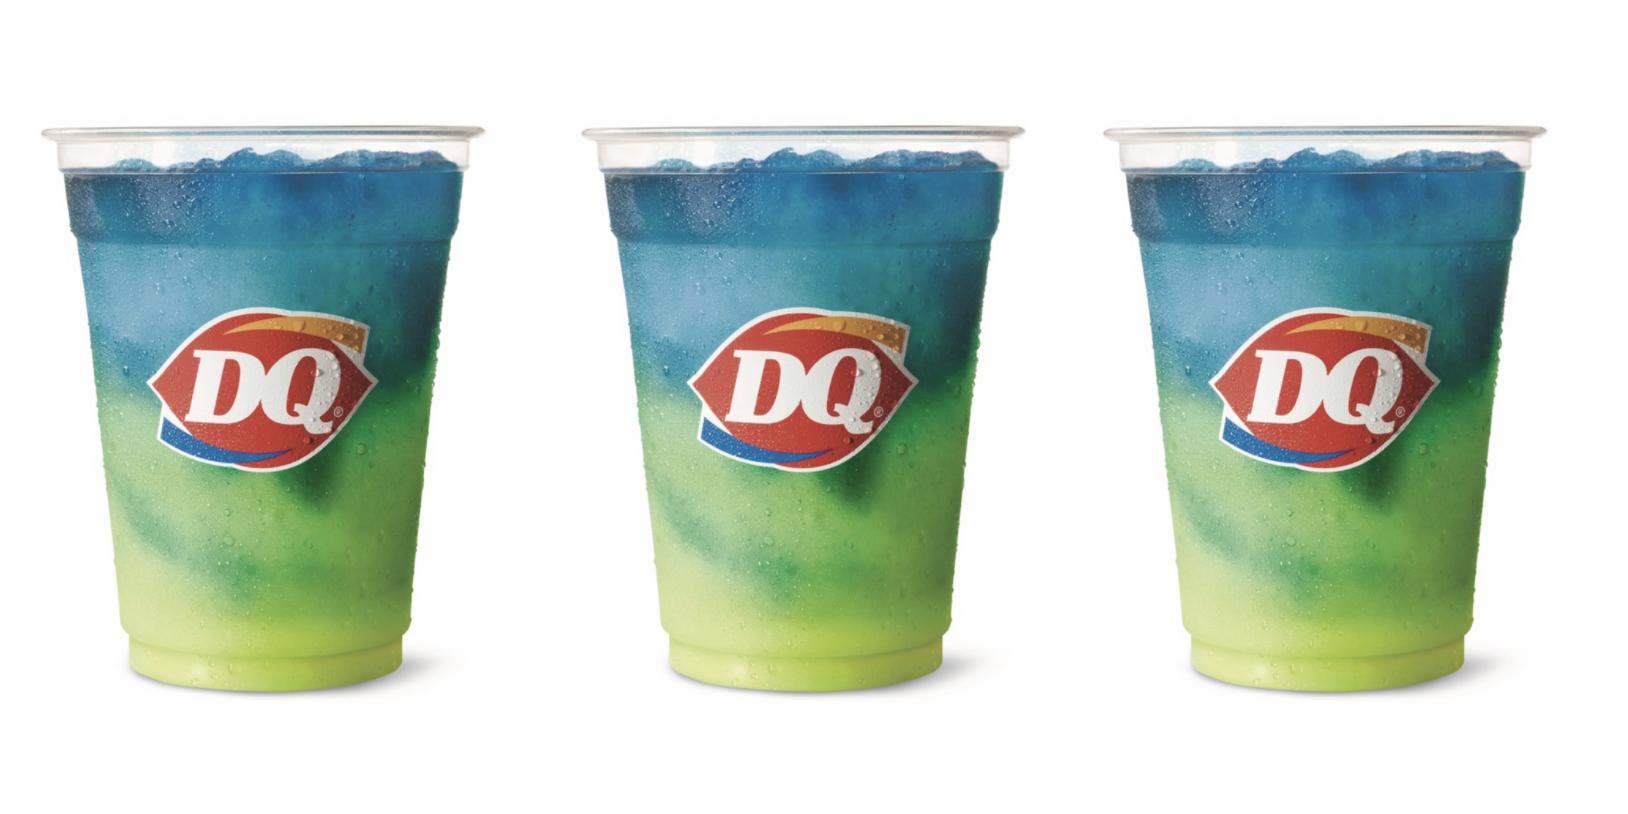 Dairy Queen's Has A New Lemonade Twisty Misty Slush